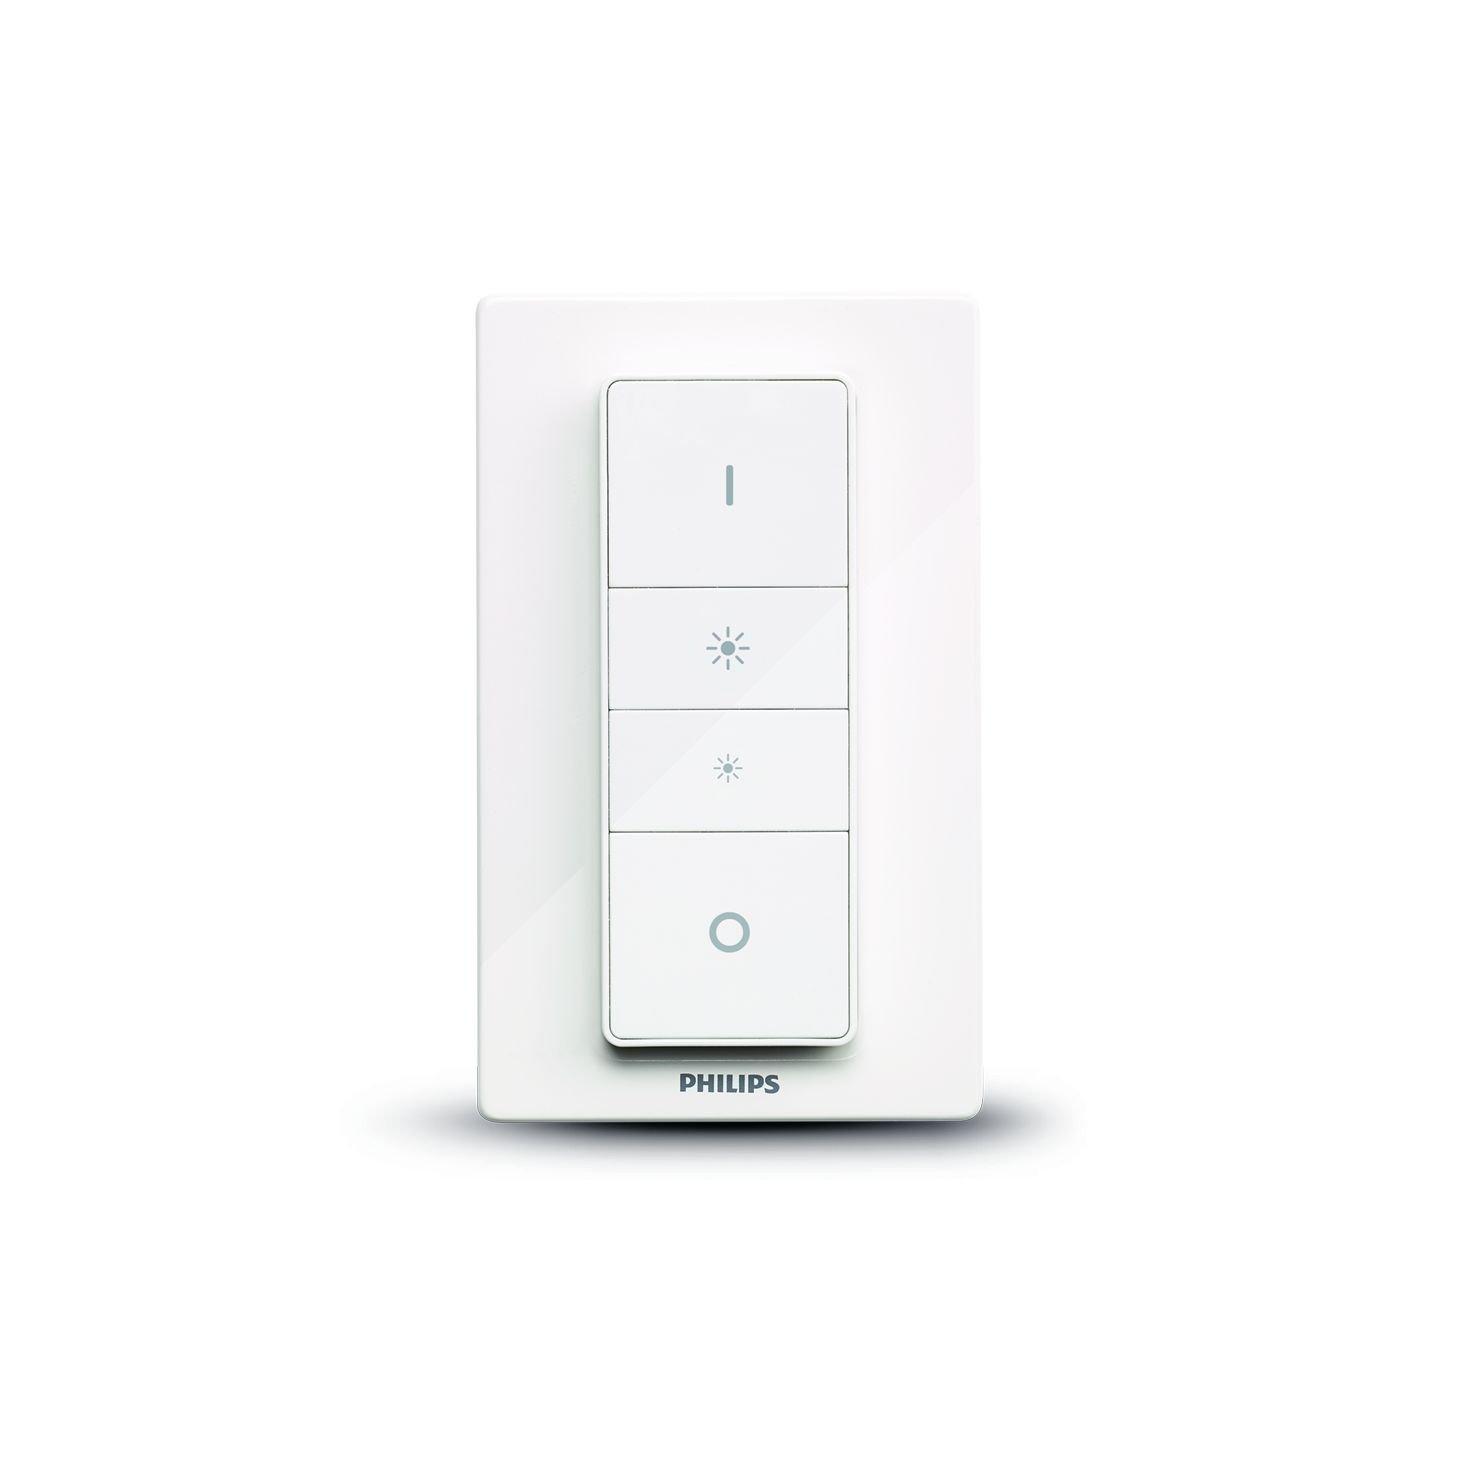 Philips Hue   Interruptor Y Mando Inalámbrico, Iluminación Inteligente, Puede Colocarse En La Pared, Controlable Vía Wi Fi, Compatible Con Amazon Alexa, Apple Home Kit Y Google Assistant by Philips Hue